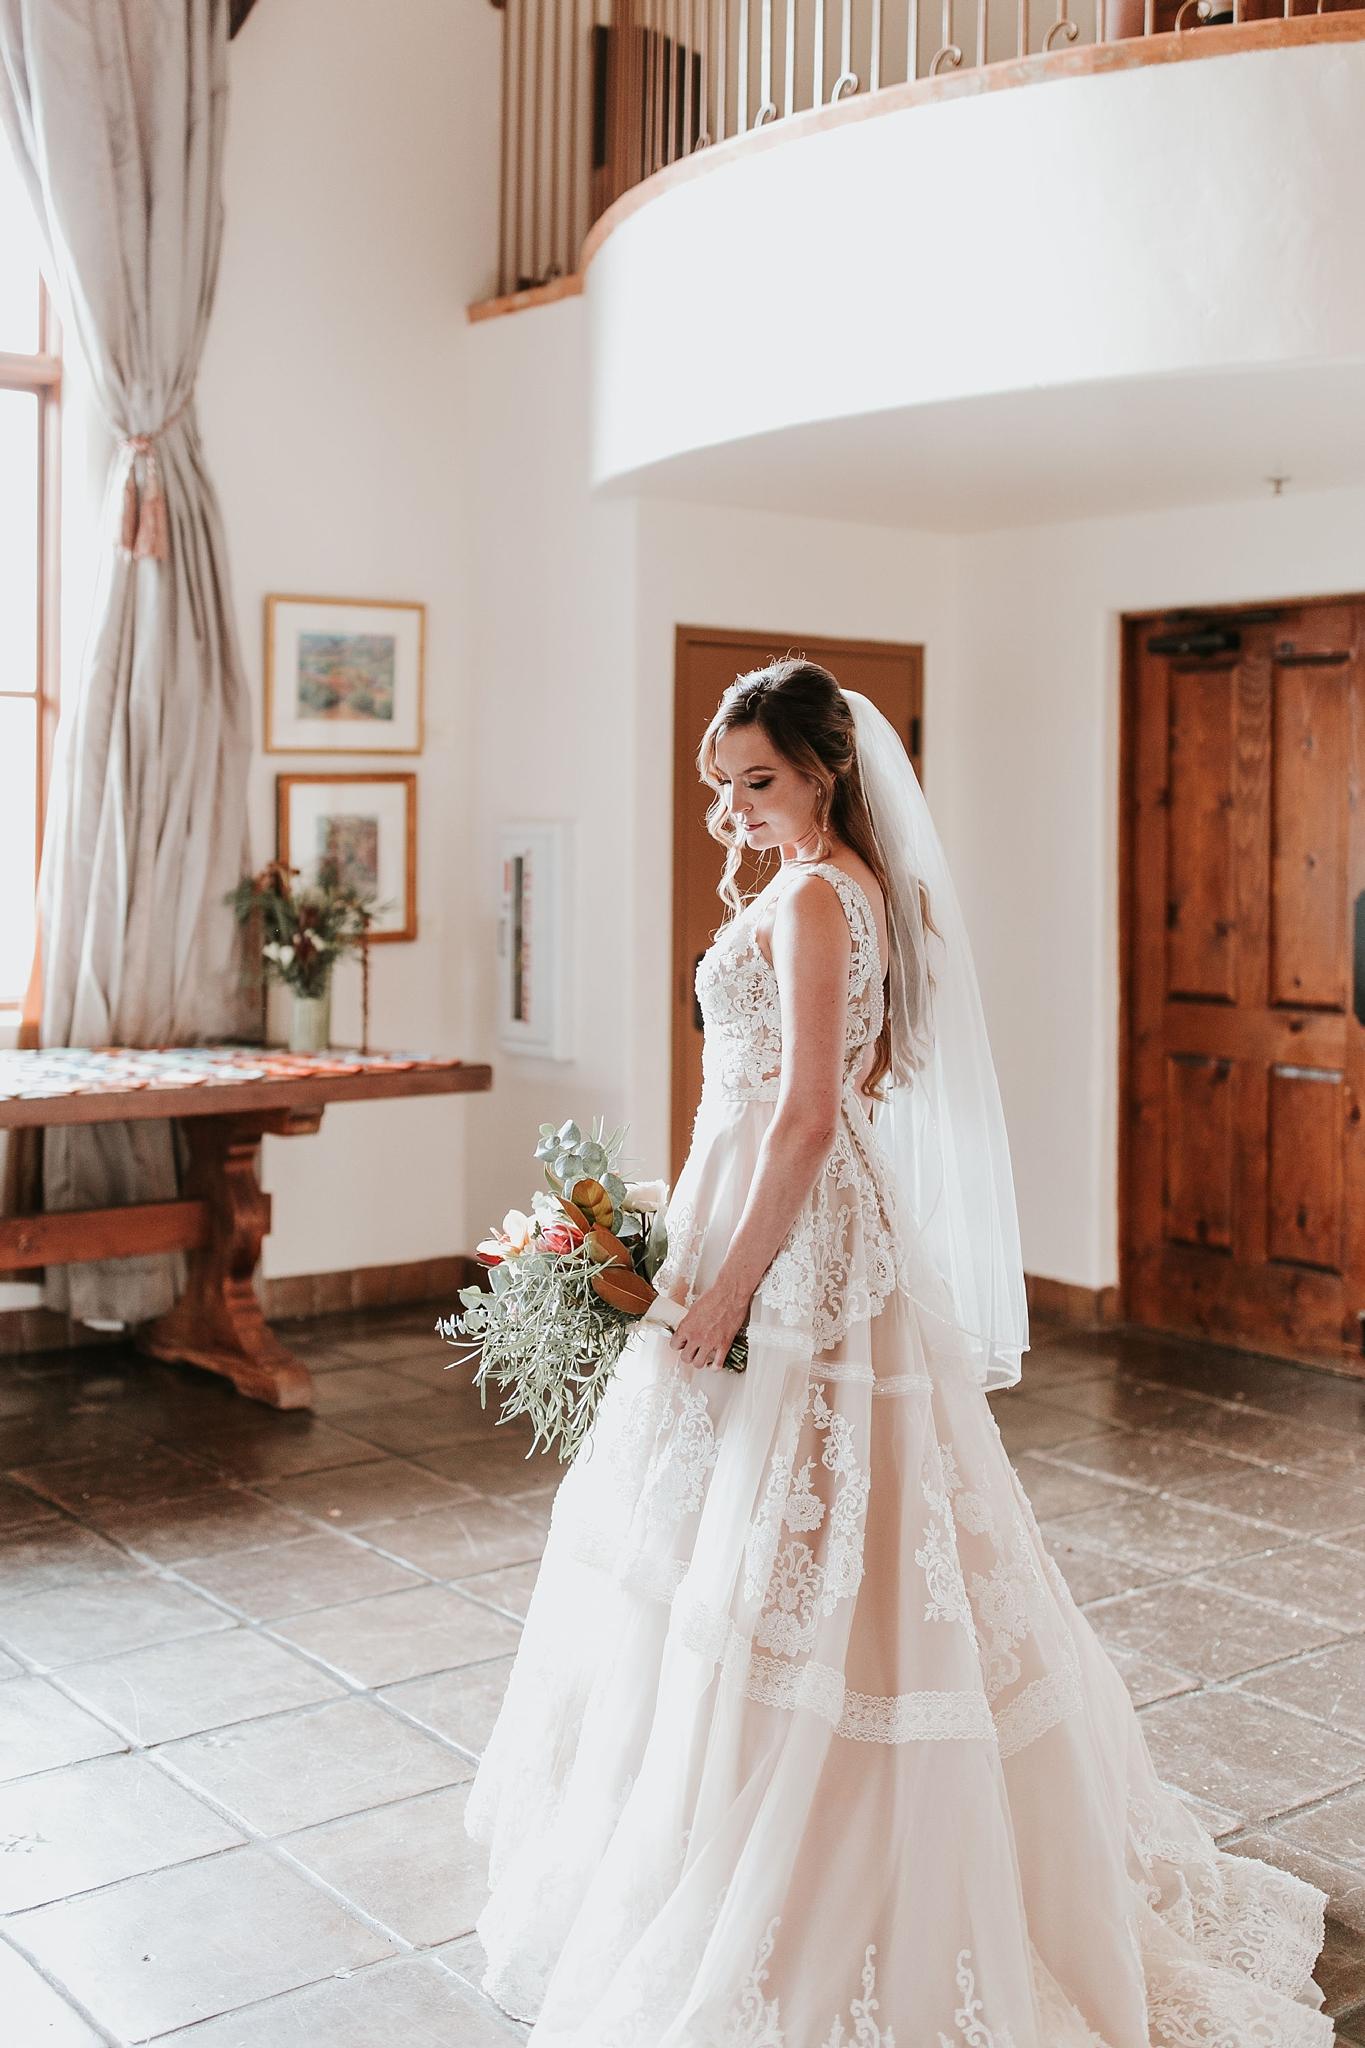 Alicia+lucia+photography+-+albuquerque+wedding+photographer+-+santa+fe+wedding+photography+-+new+mexico+wedding+photographer+-+new+mexico+wedding+-+wedding+makeup+-+makeup+artist+-+wedding+makeup+artist+-+bridal+makeup_0011.jpg